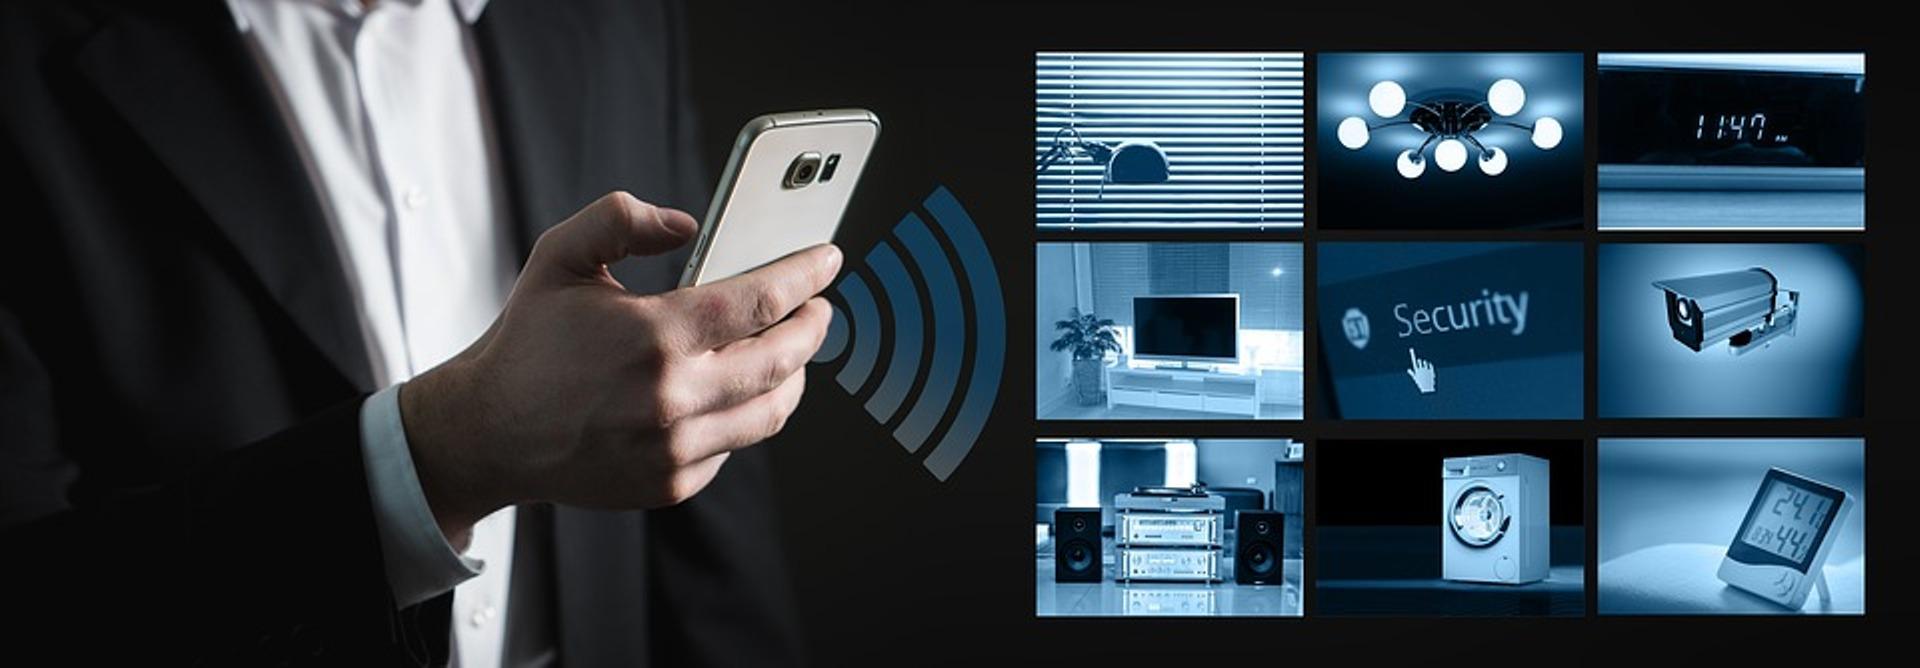 ByteLite Smart home